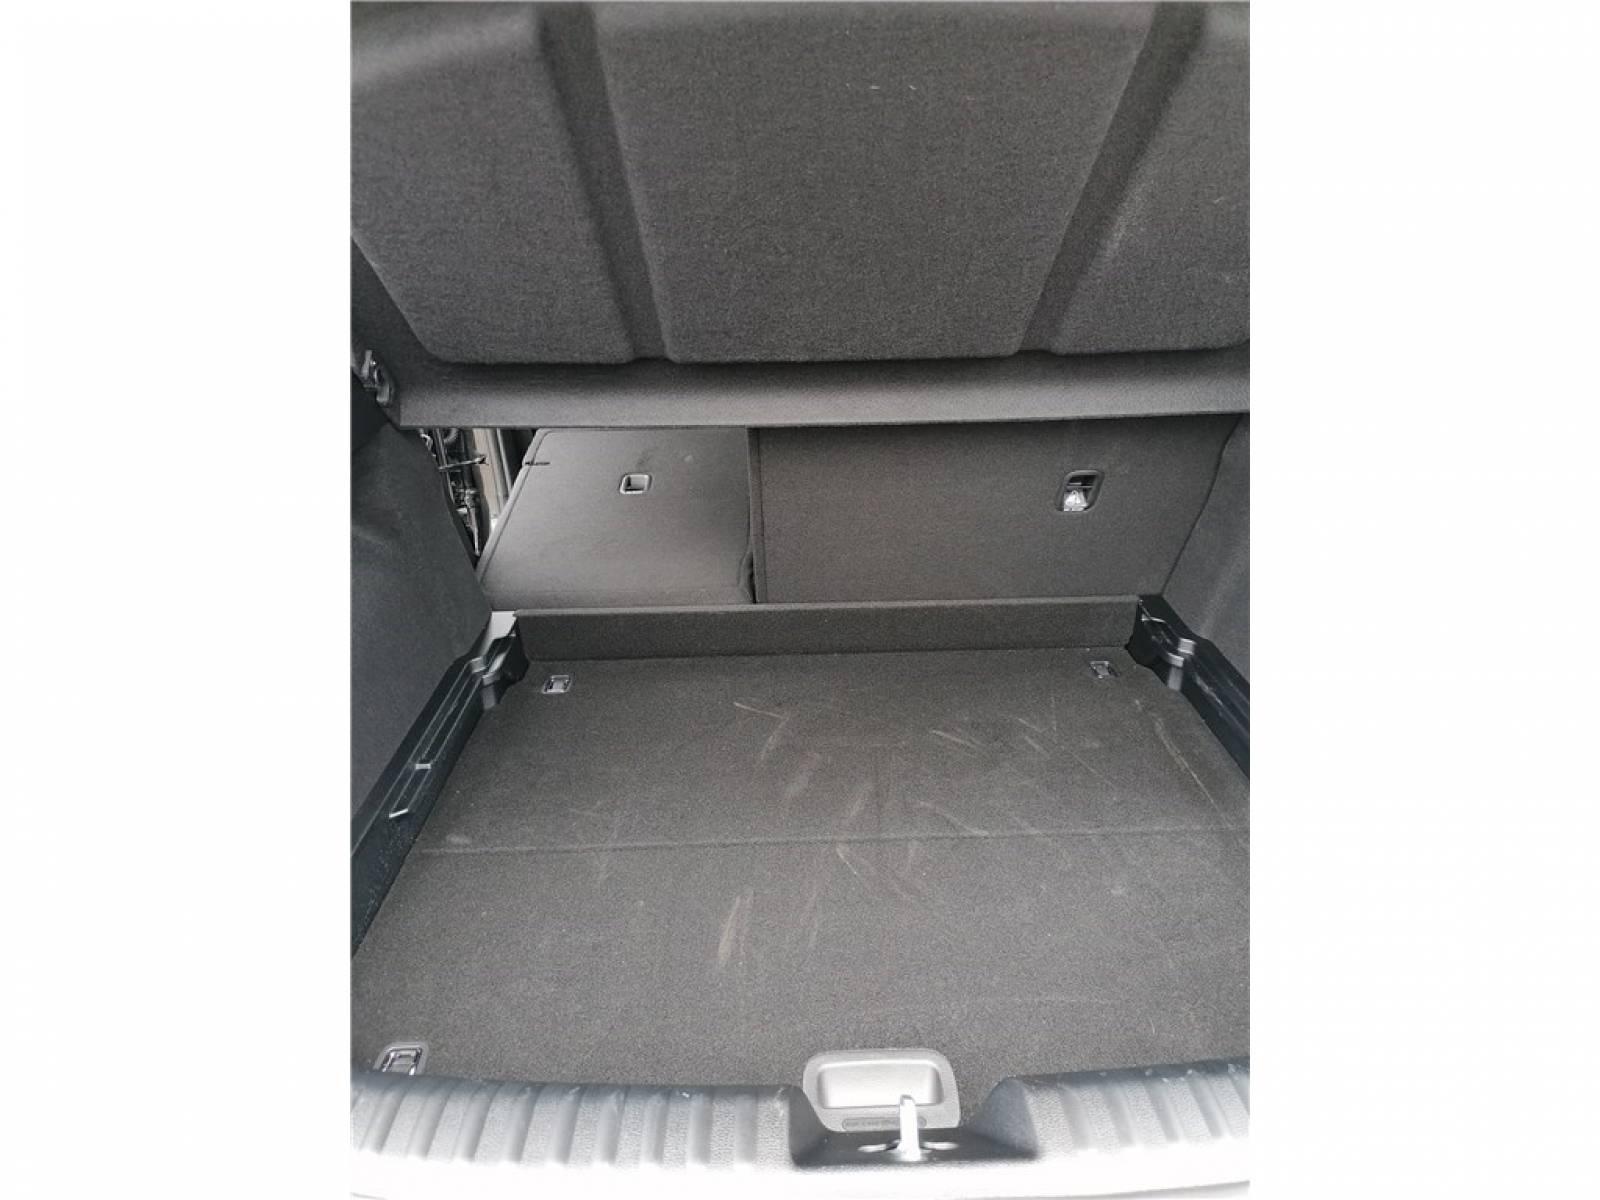 KIA XCeed 1.6l CRDi 136 ch DCT7 ISG - véhicule d'occasion - Groupe Guillet - Hall de l'automobile - Chalon sur Saône - 71380 - Saint-Marcel - 31